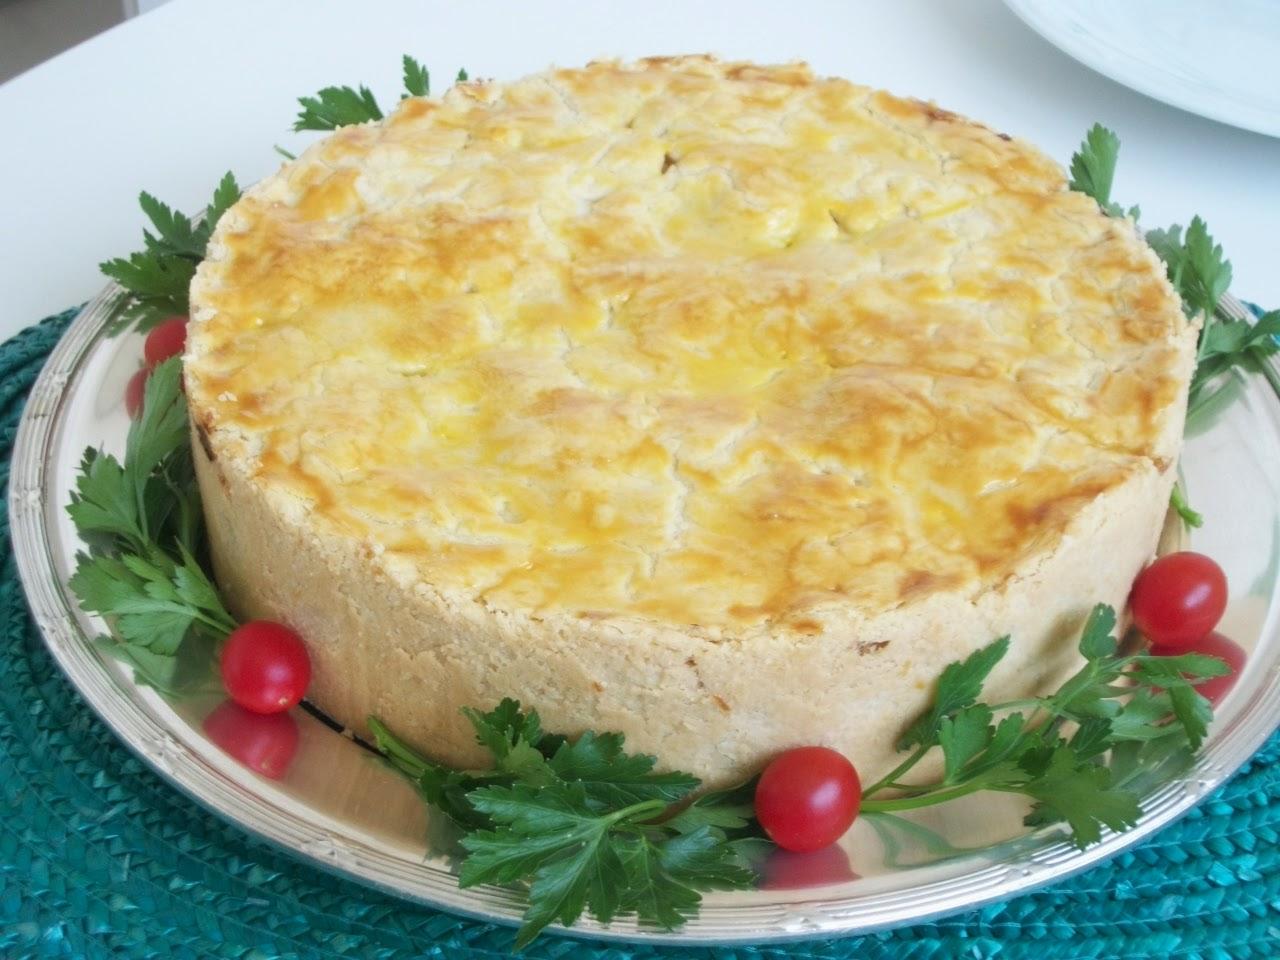 receitas, site de recheios, torta, torta de frango, receita simples, frango receita com frango, Padre bernardo, Goias